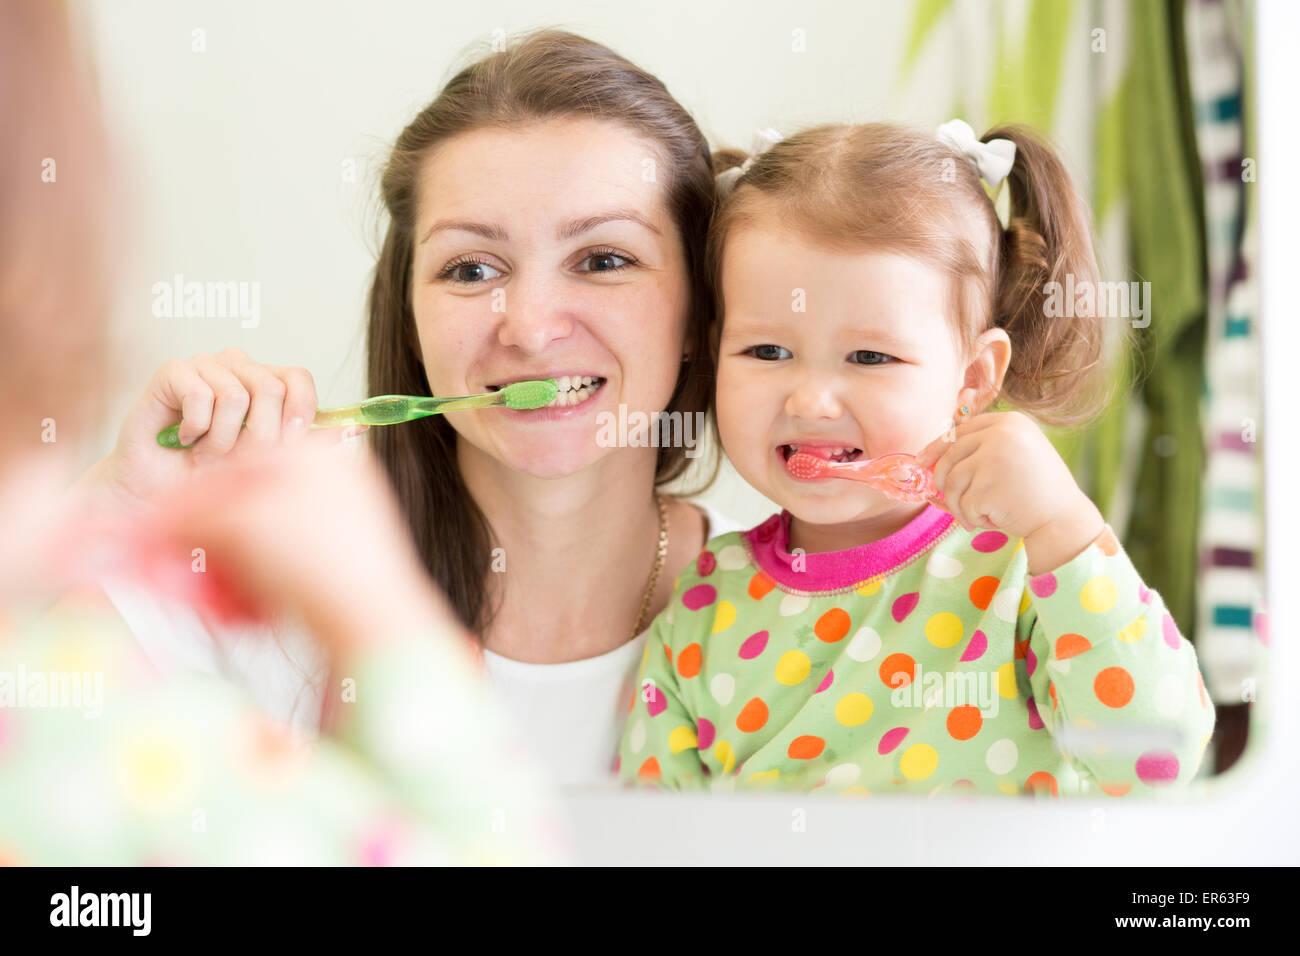 Mutter lehrt Kinder Zähne putzen im Badezimmer Stockfoto, Bild ...